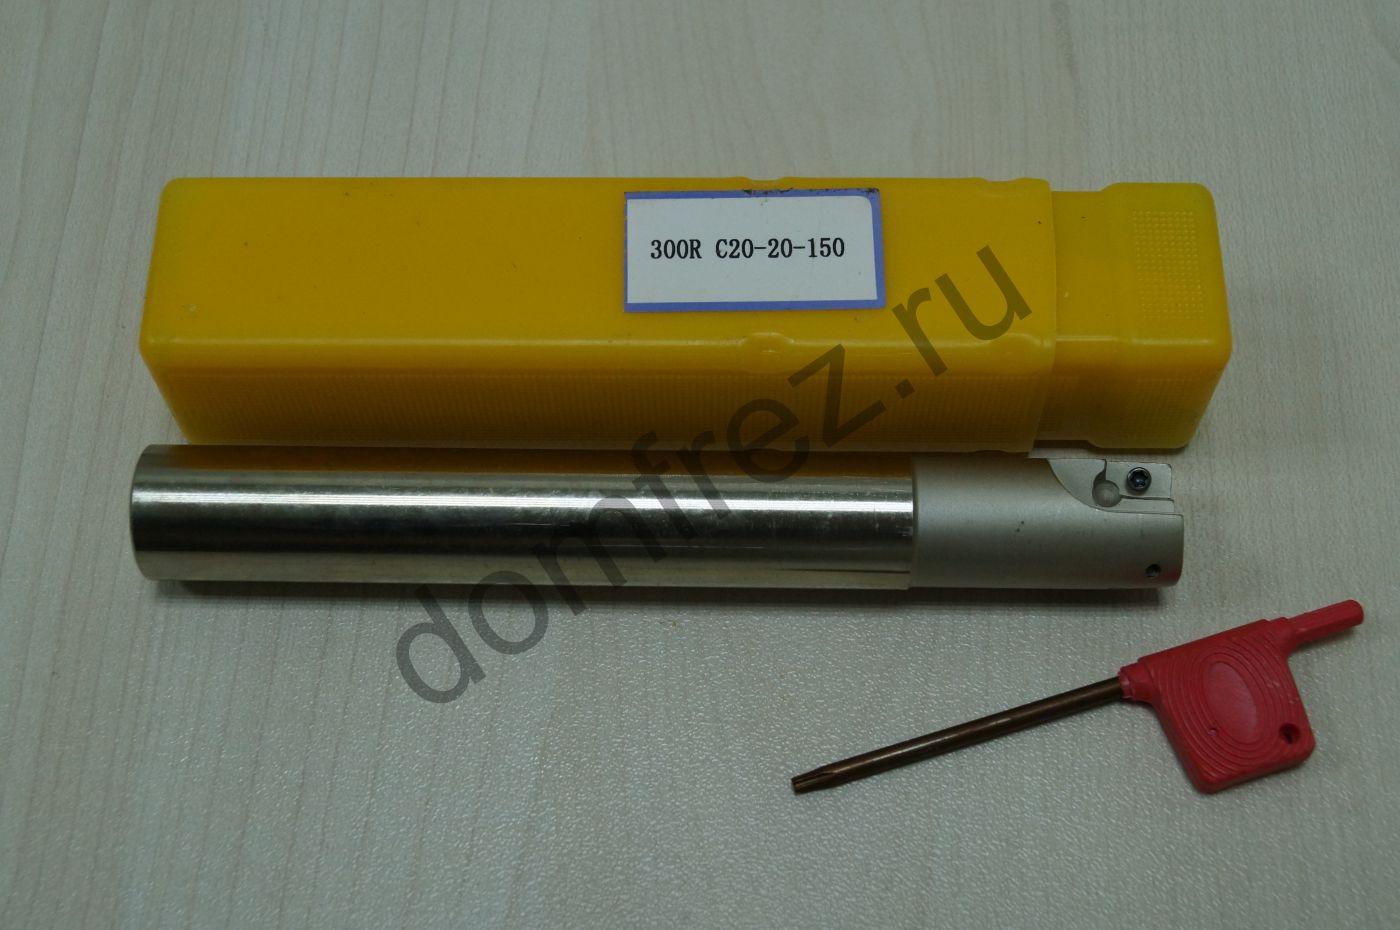 Оправка фрезерная BAP300R C20-20-150